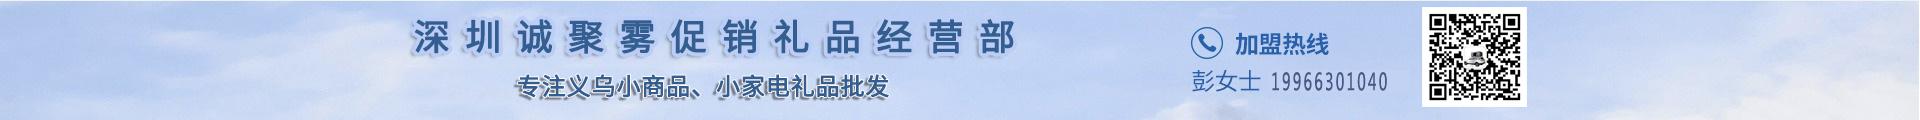 深圳市龍崗區誠聚霧電子經營部